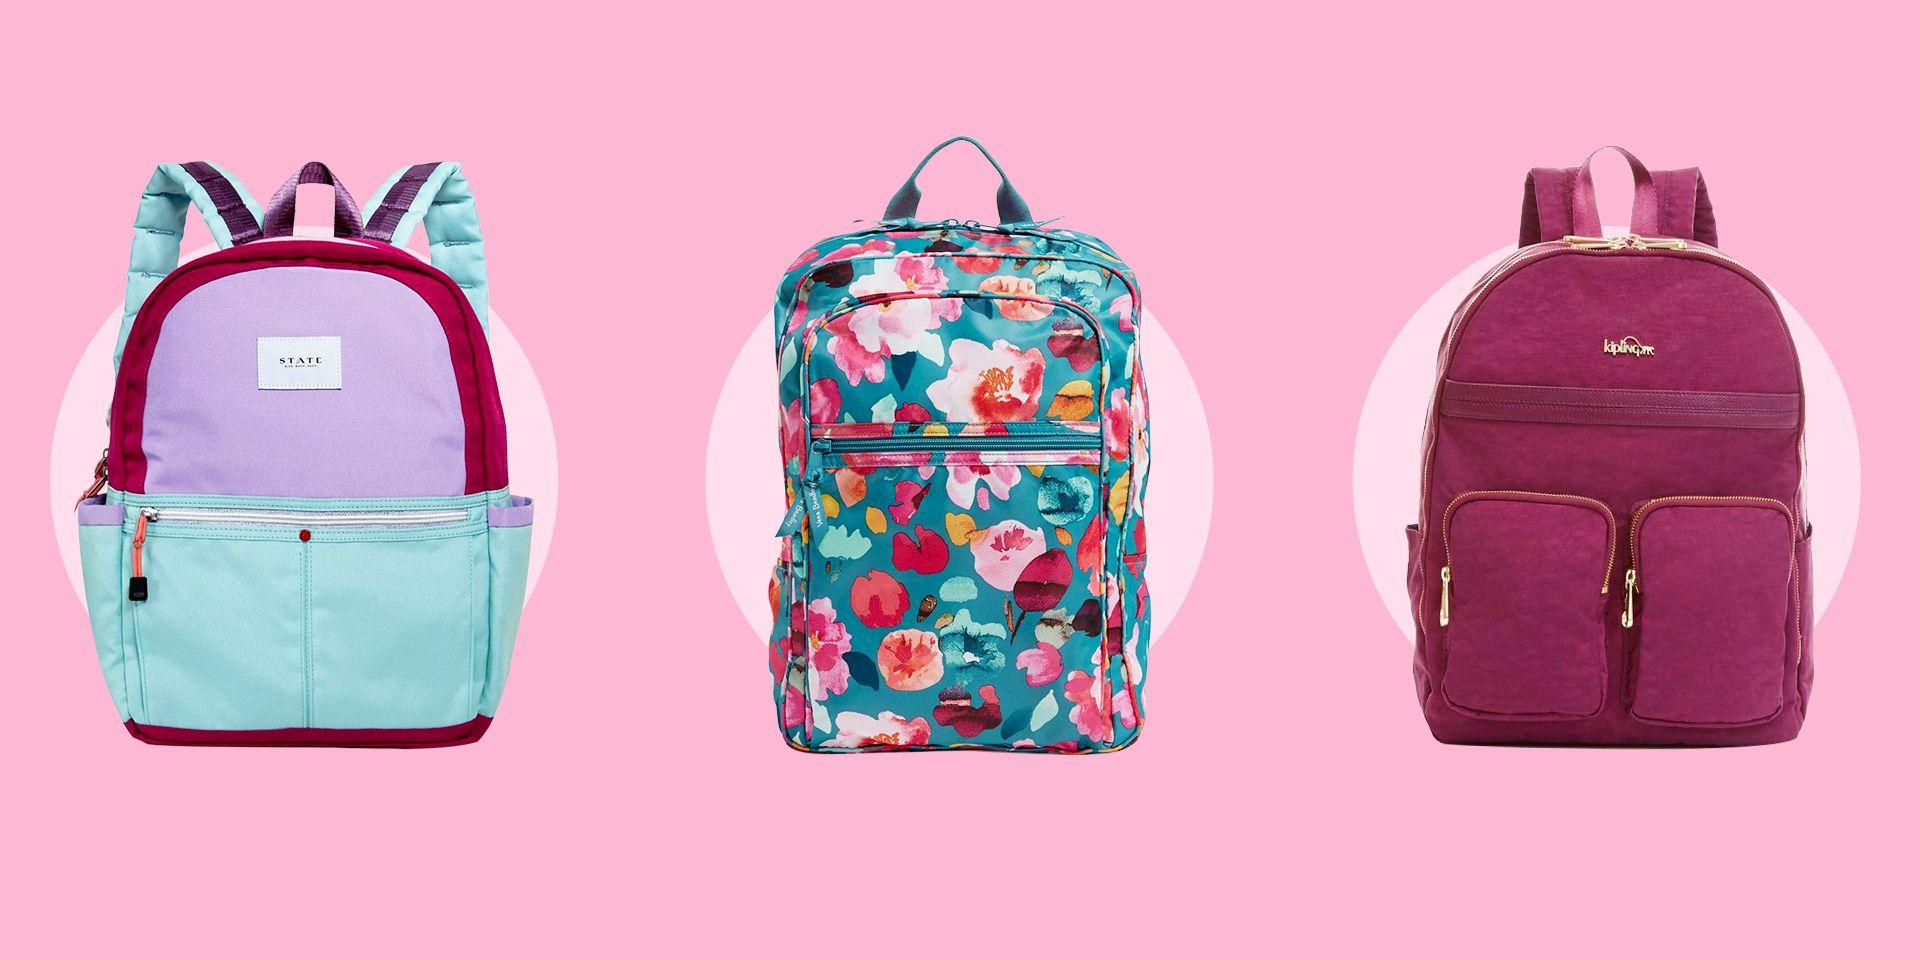 29 Cute Backpacks For School 2018 - Best